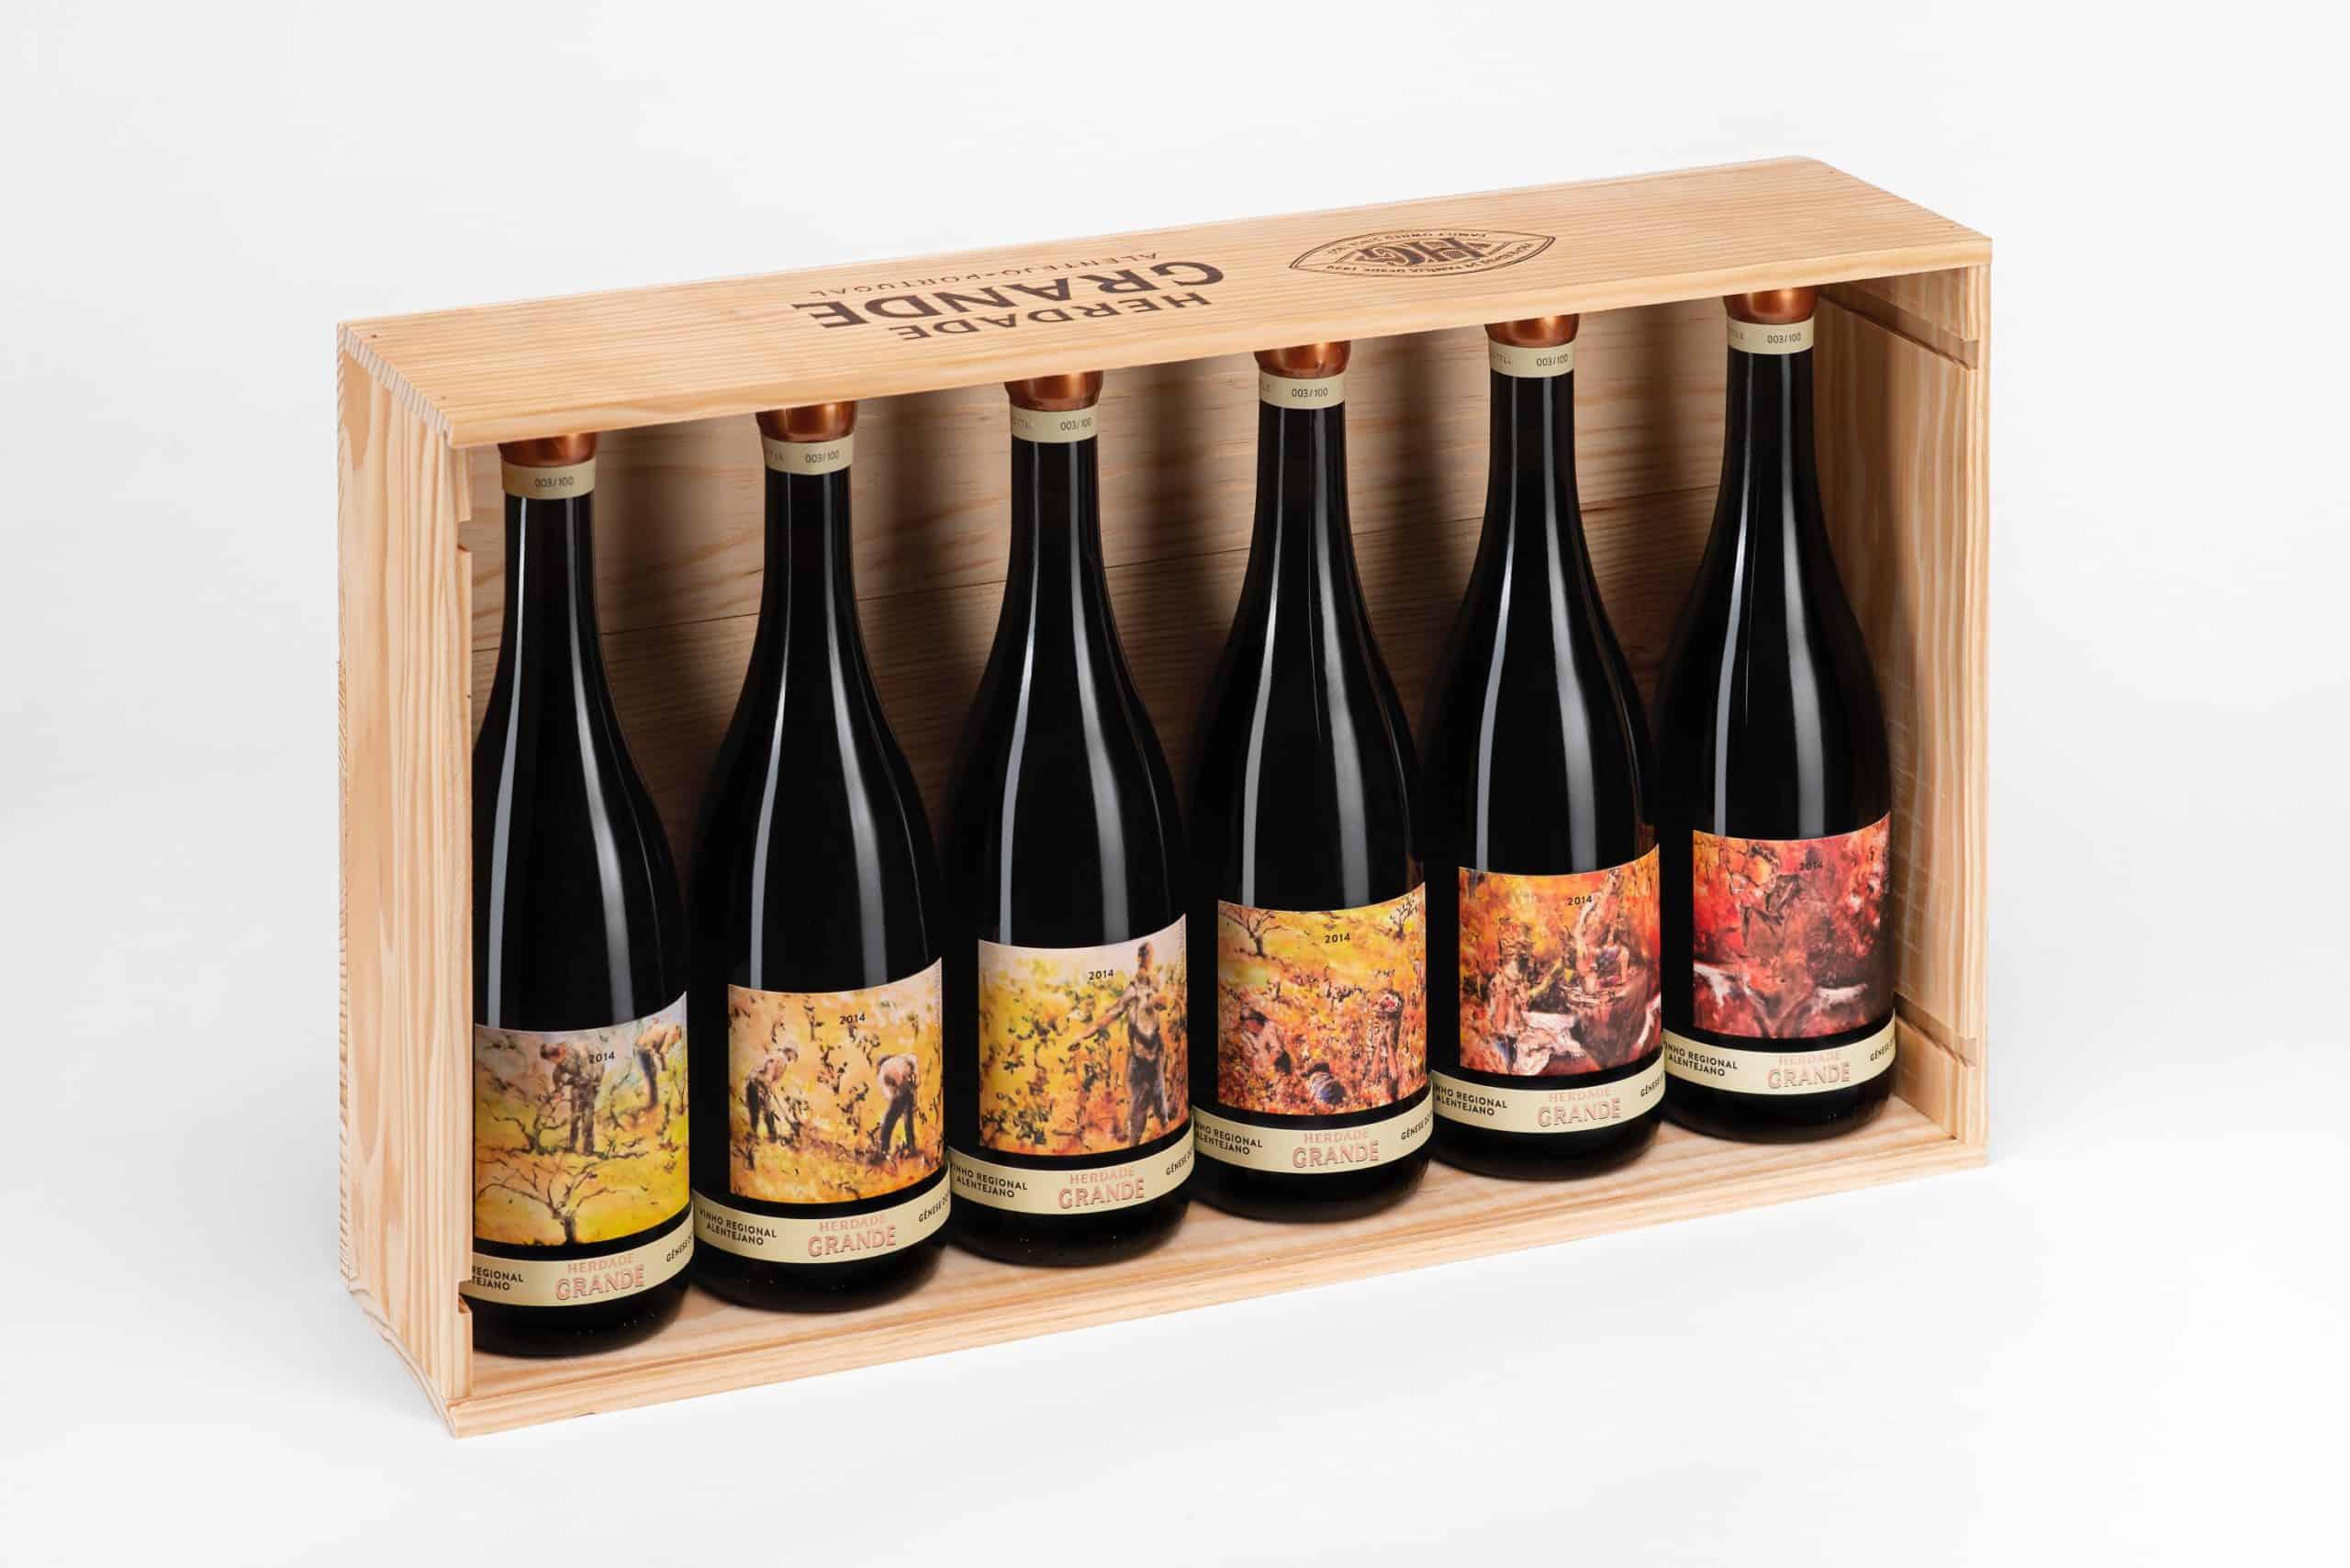 A Génese do Baco. Celebrar o centenário com edição artística de tributo à viticultura alentejana